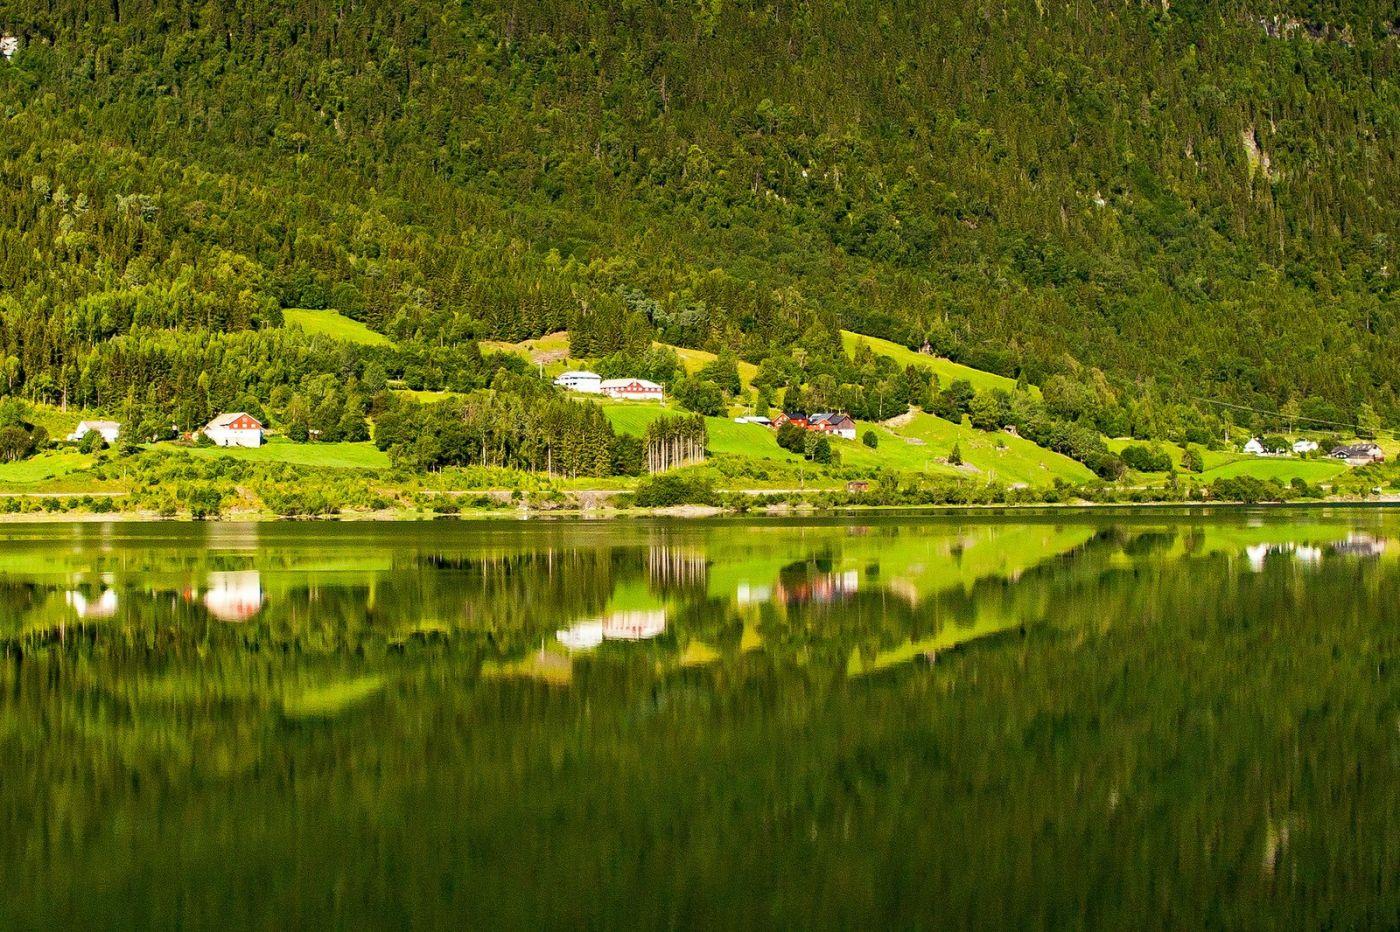 北欧风光,风景美如画_图1-1